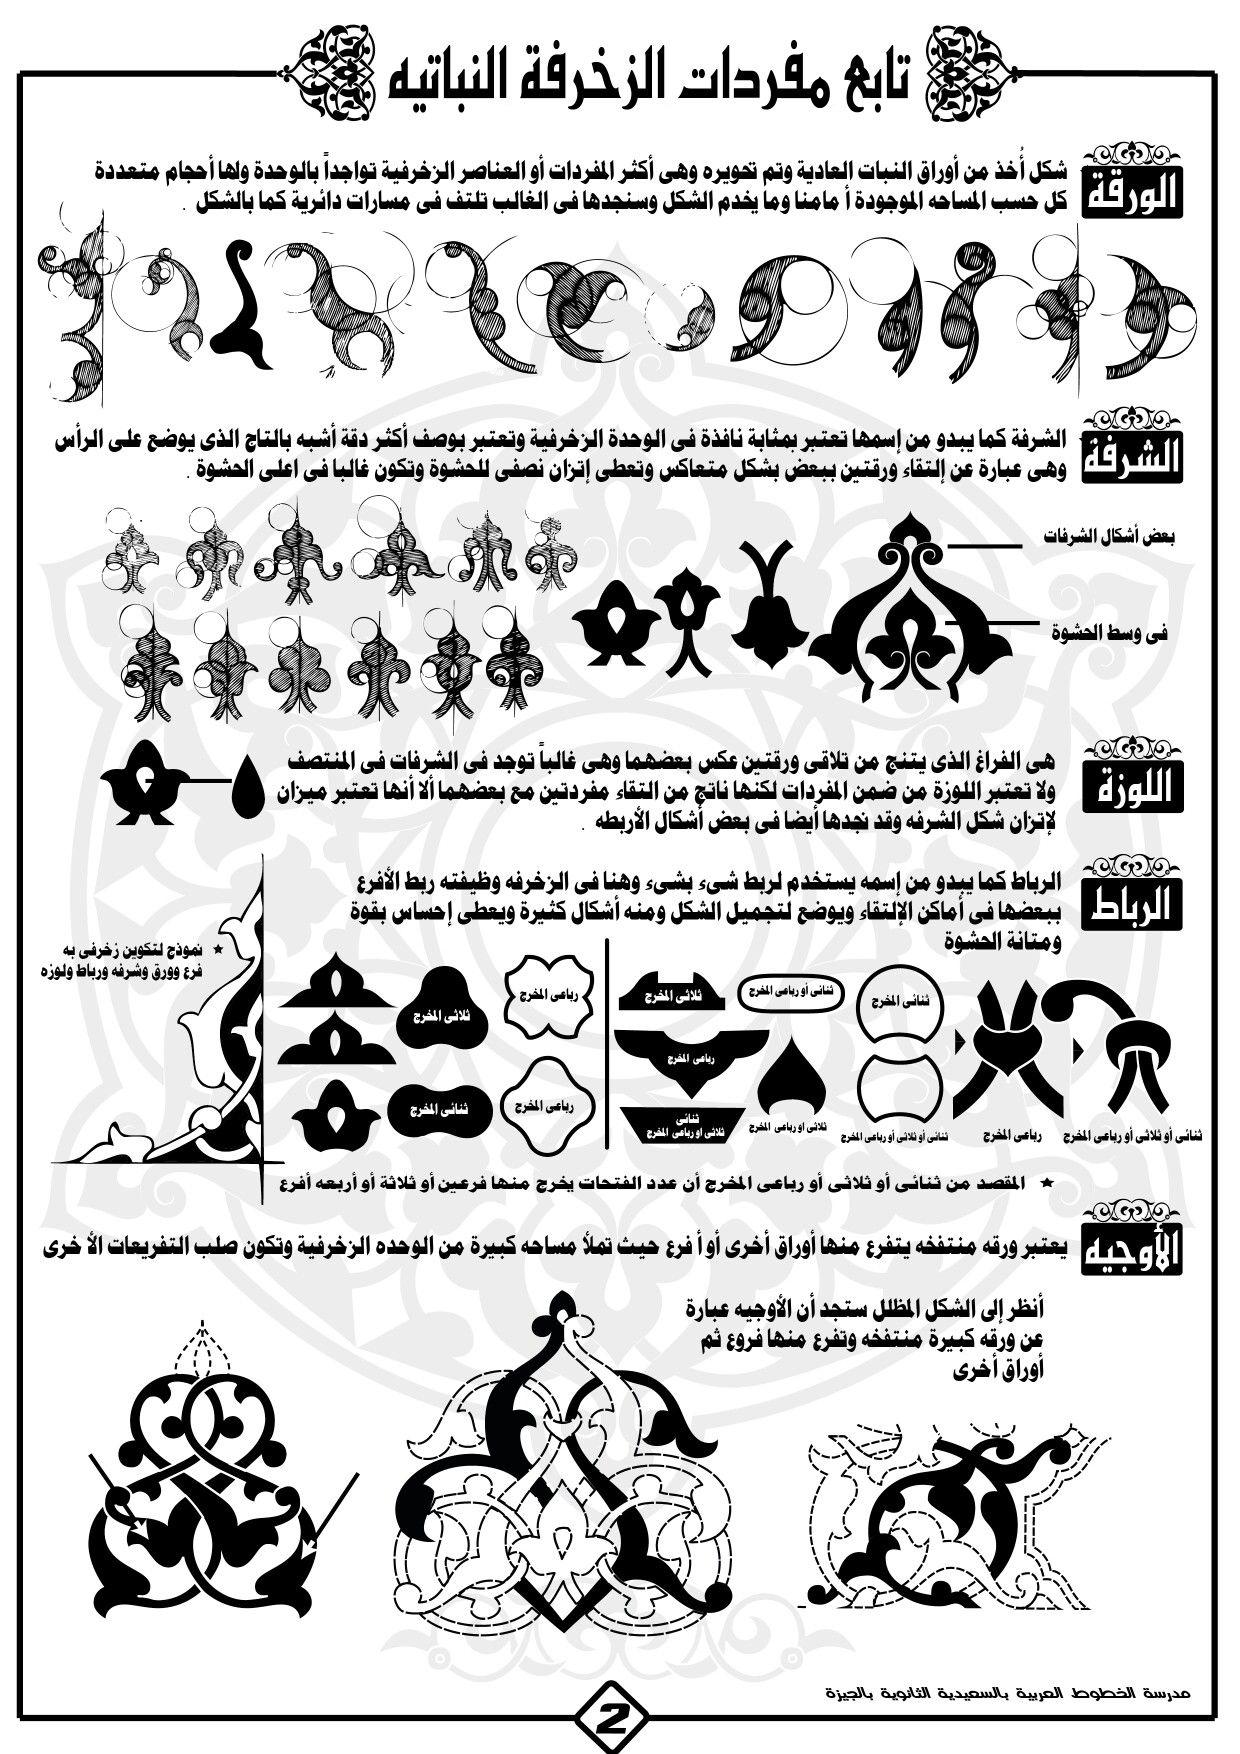 Pin By Dilek Kuzu On فنون الخط و الرسم و الزخرفة و التذهيب Islamic Patterns Islamic Art Art